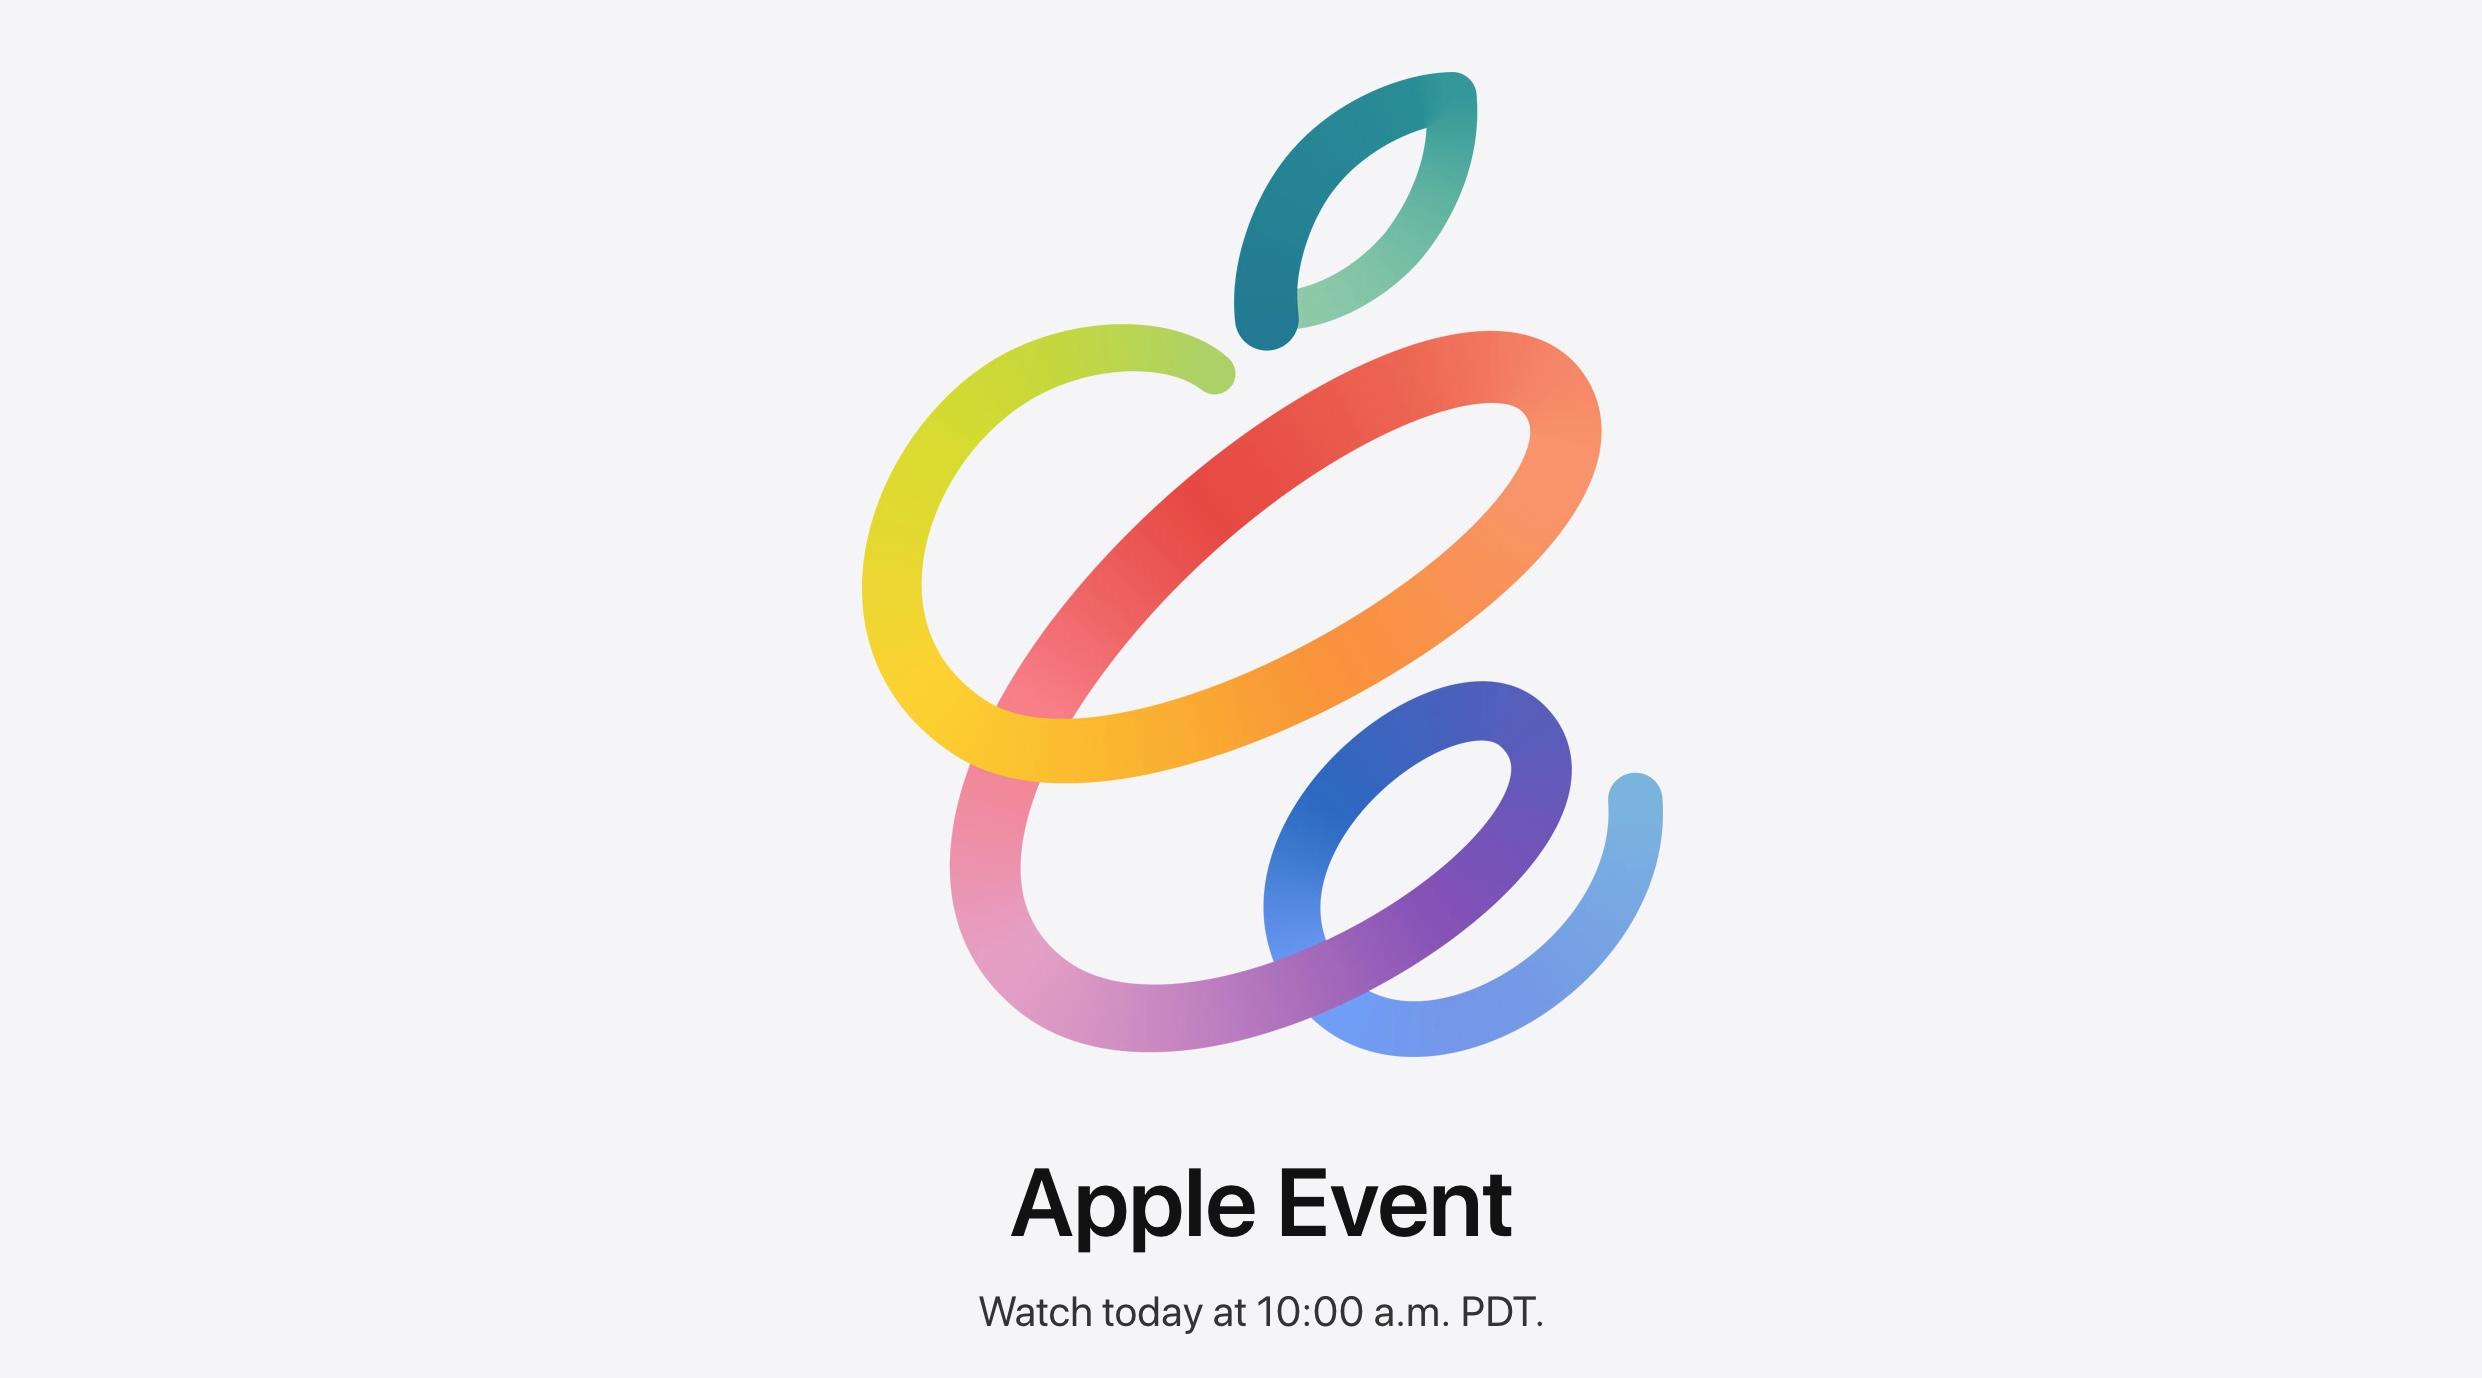 「AppleEvent(4月20日) まとめ」のアイキャッチ画像